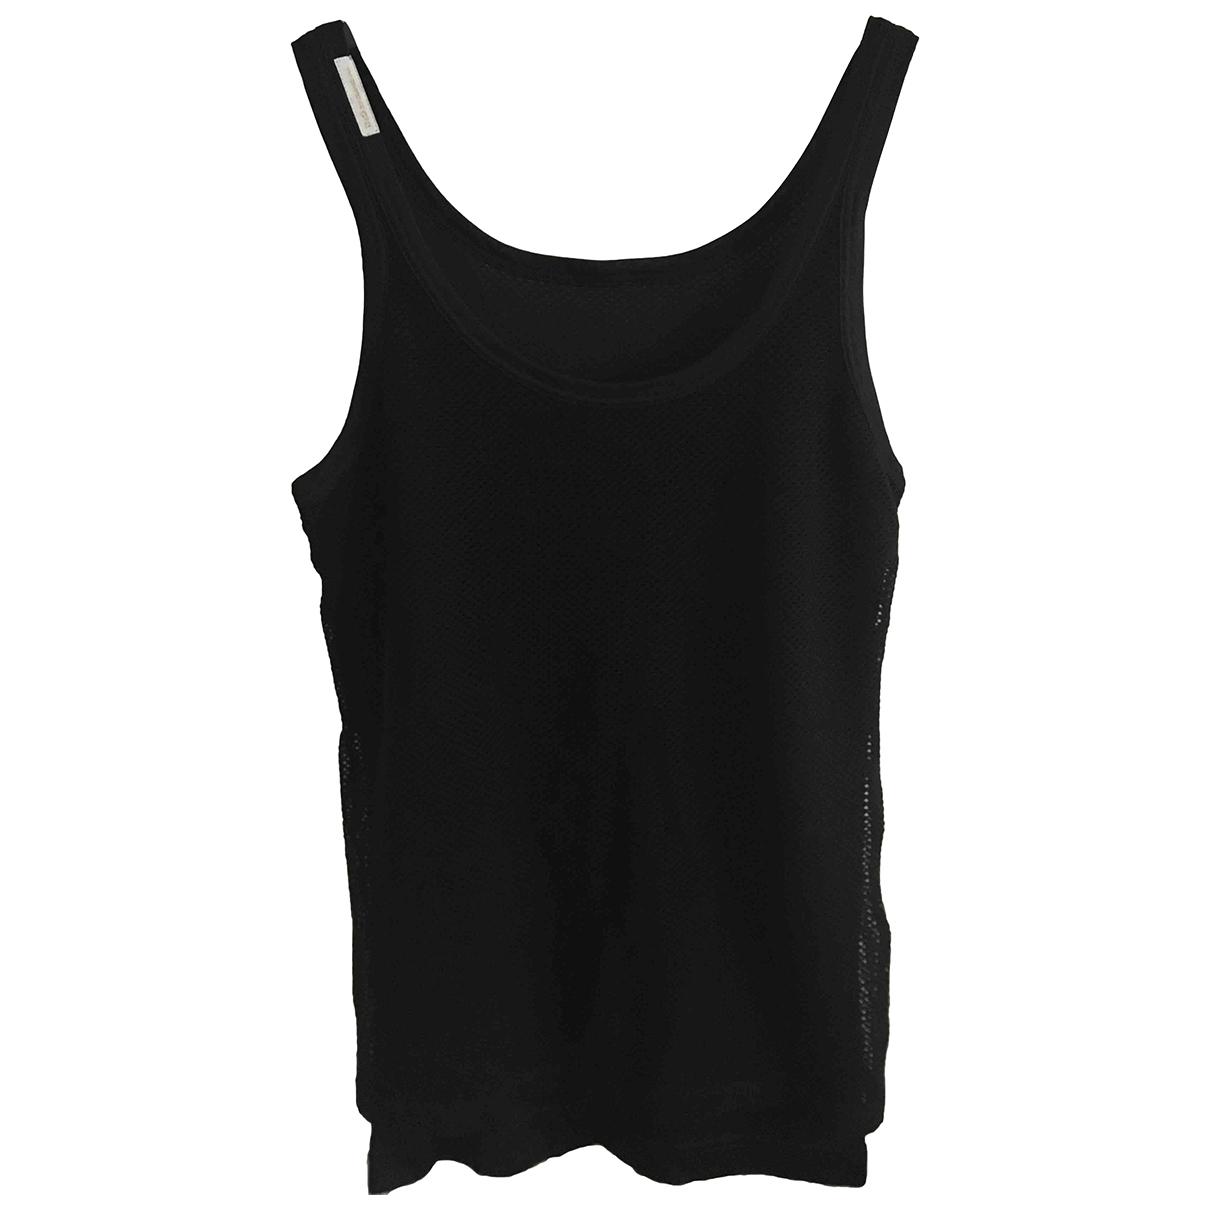 D&g \N Black Cotton  top for Women 48 IT